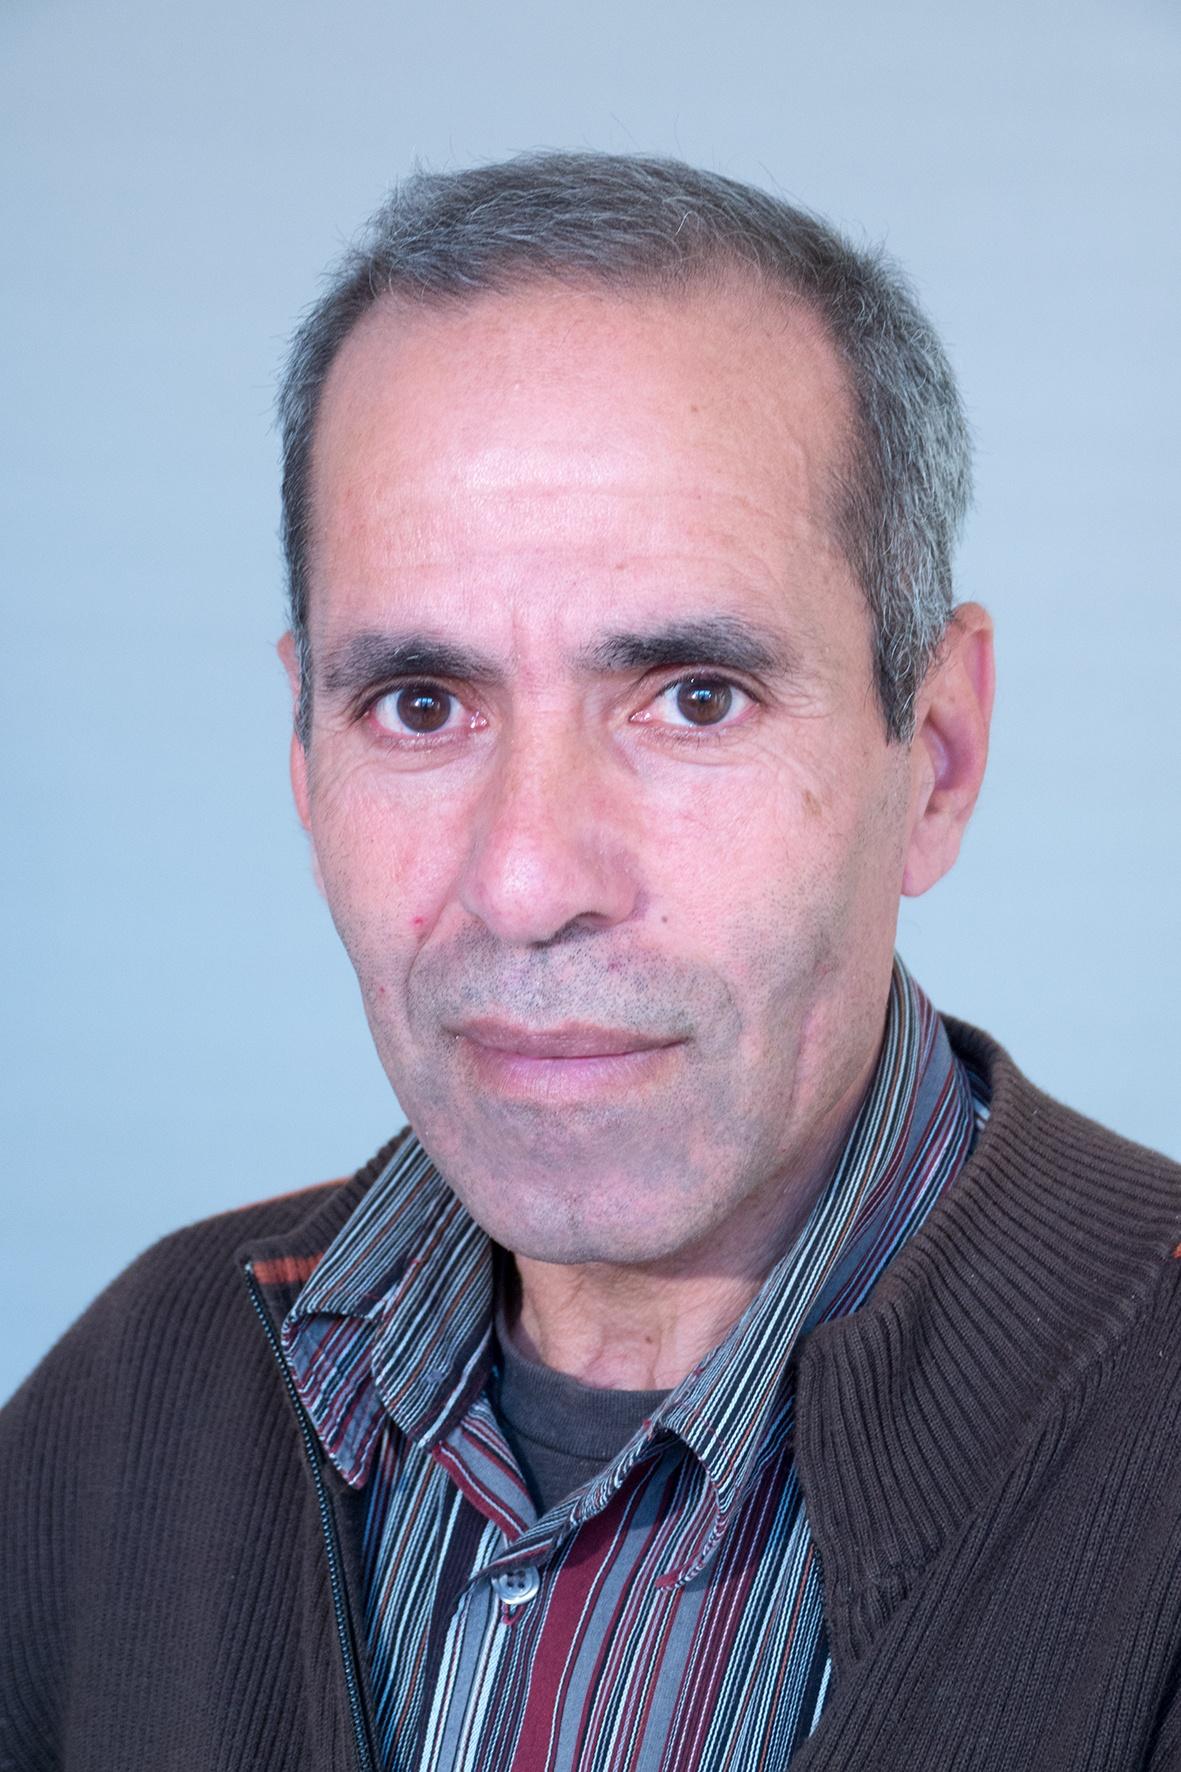 Mohammed Homoch